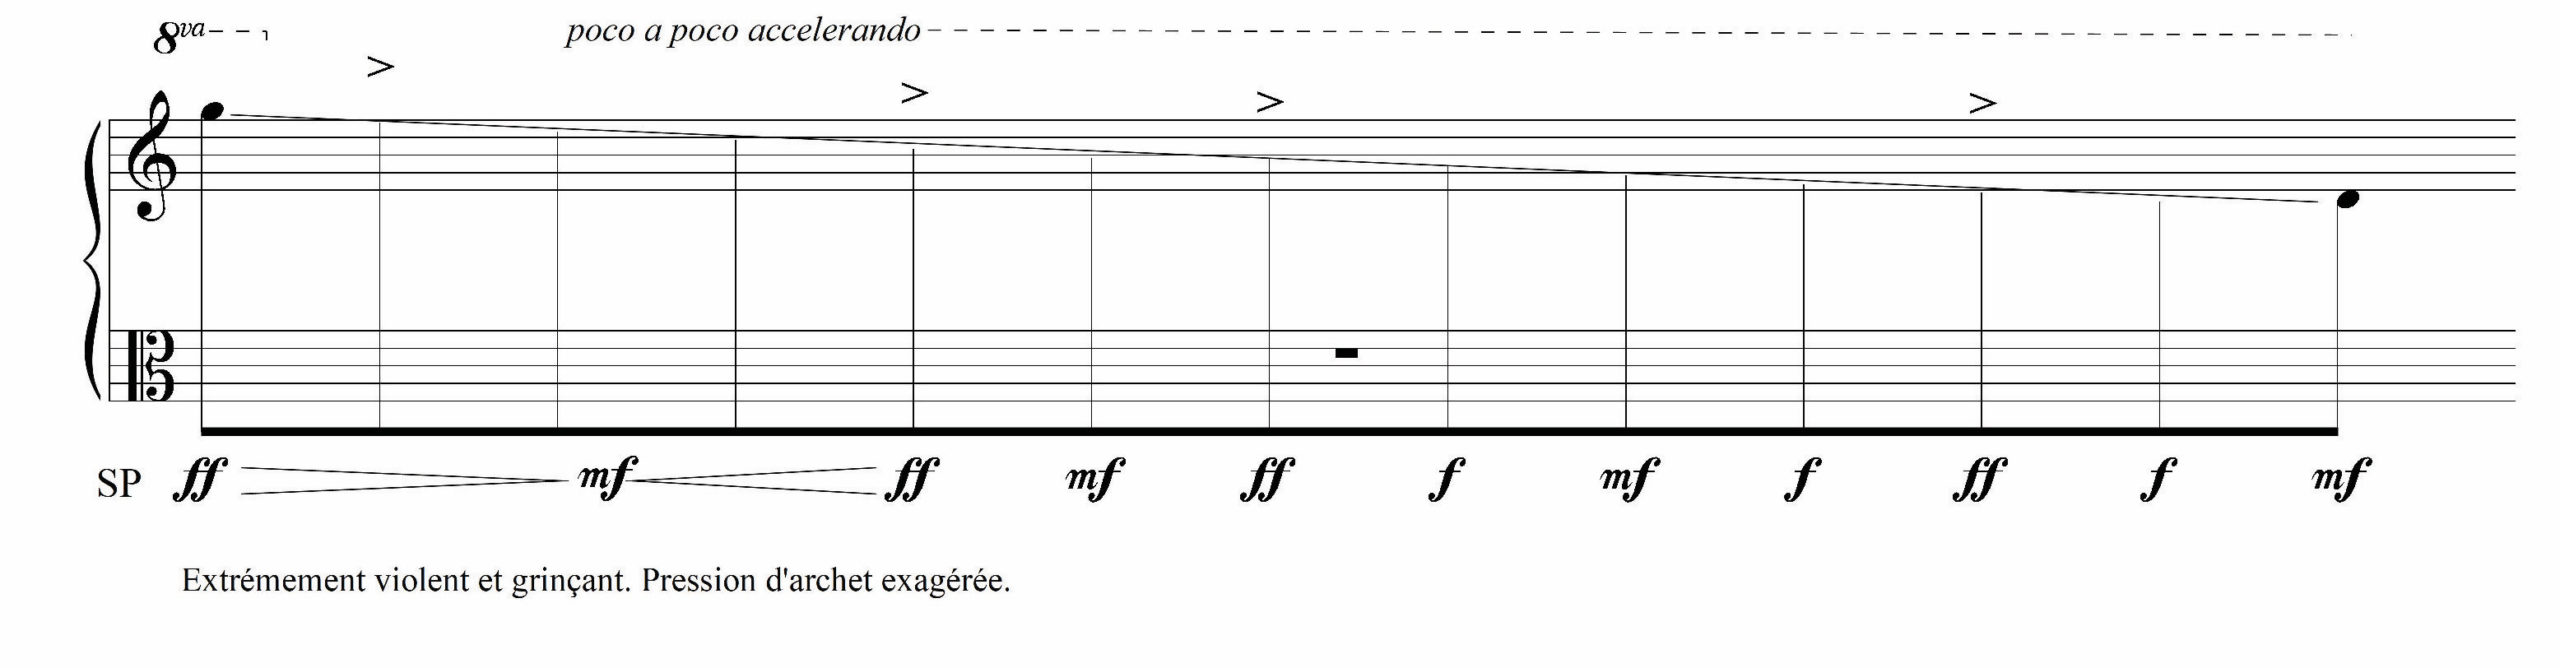 Jakubowski, Example 16b